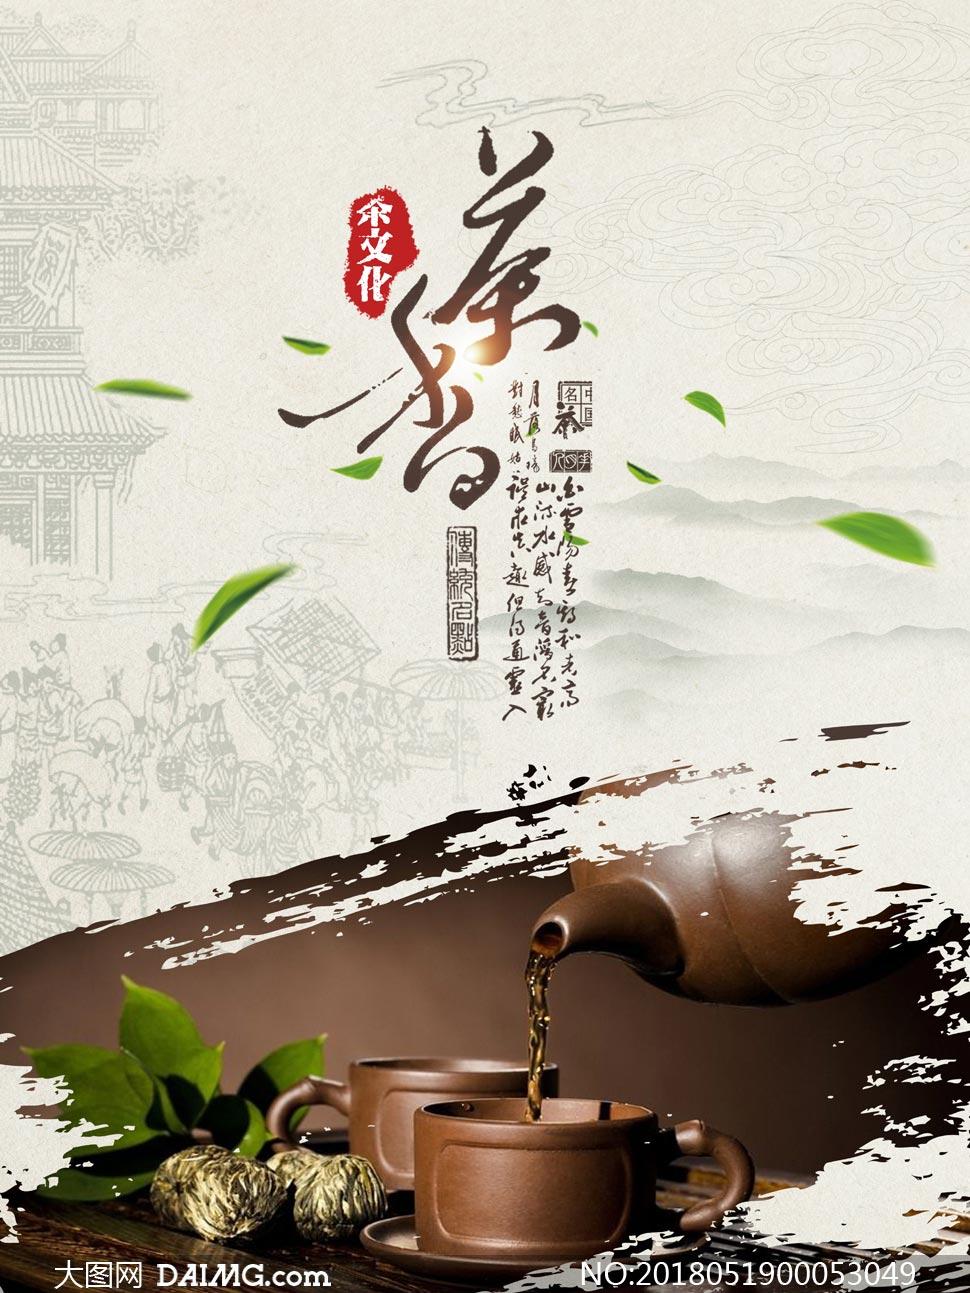 关 键 词: 中国风茶文化茶叶茶道绿叶绿茶古典背景茶文化海报茶文化